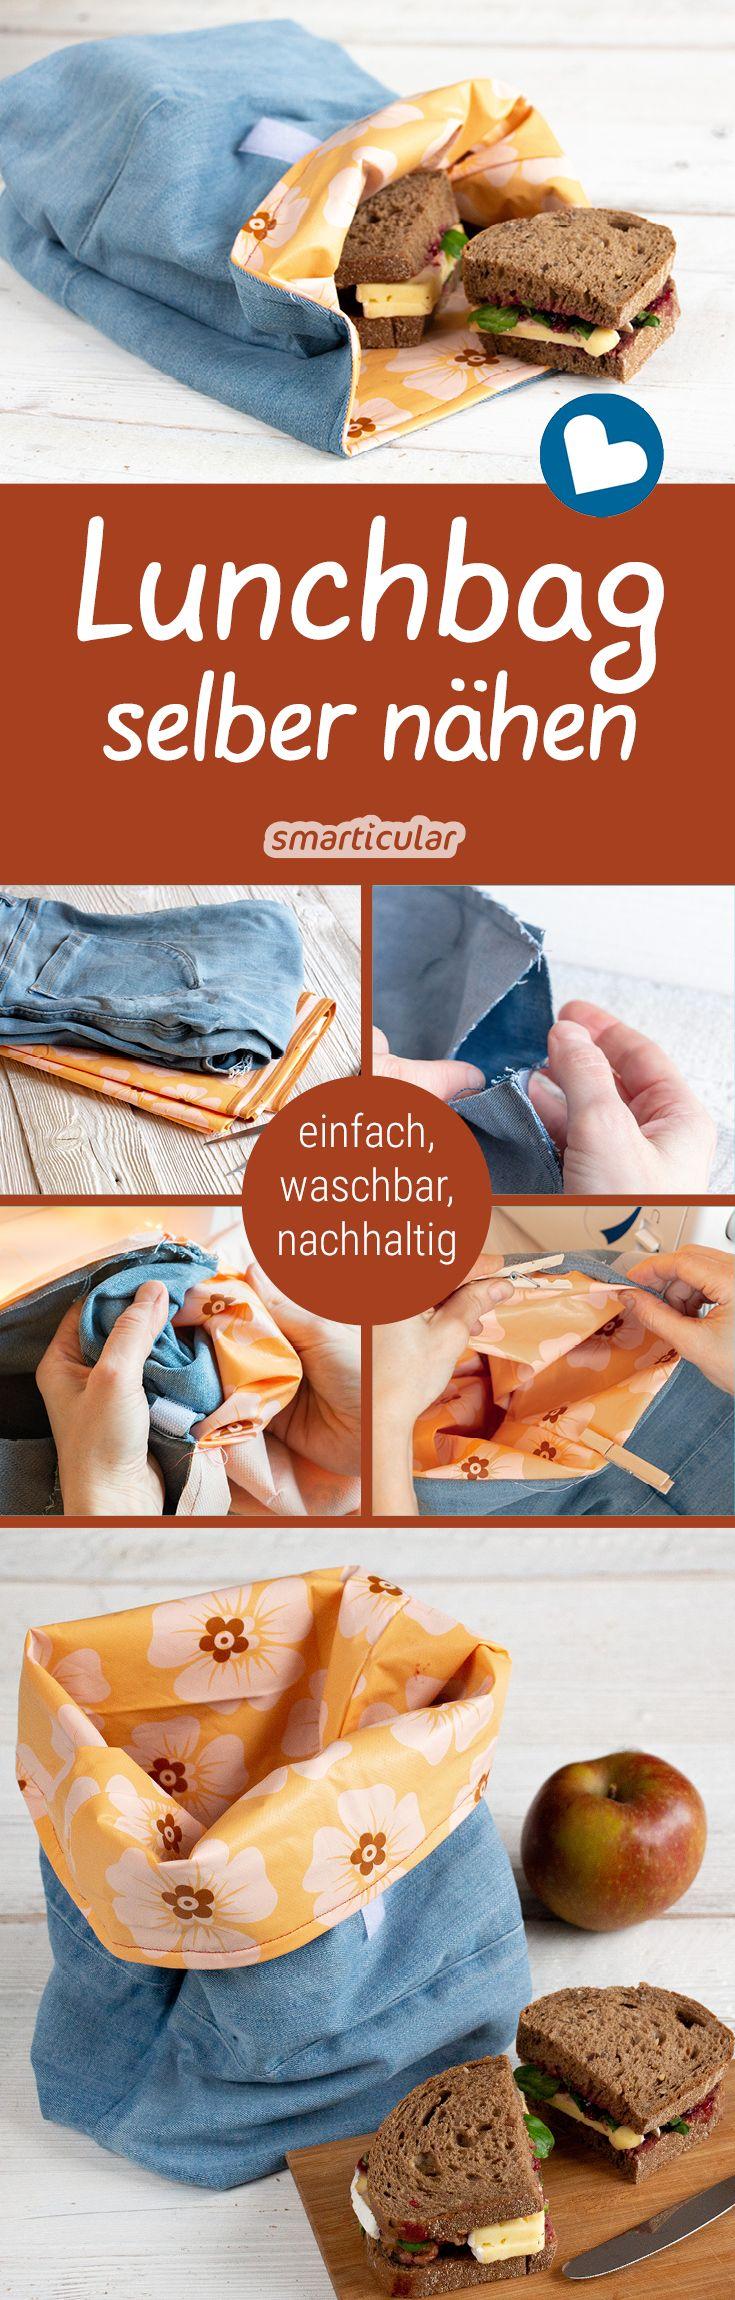 DIY-Lunchbag: Brotbeutel aus Wachstuch und Stoffresten nähen